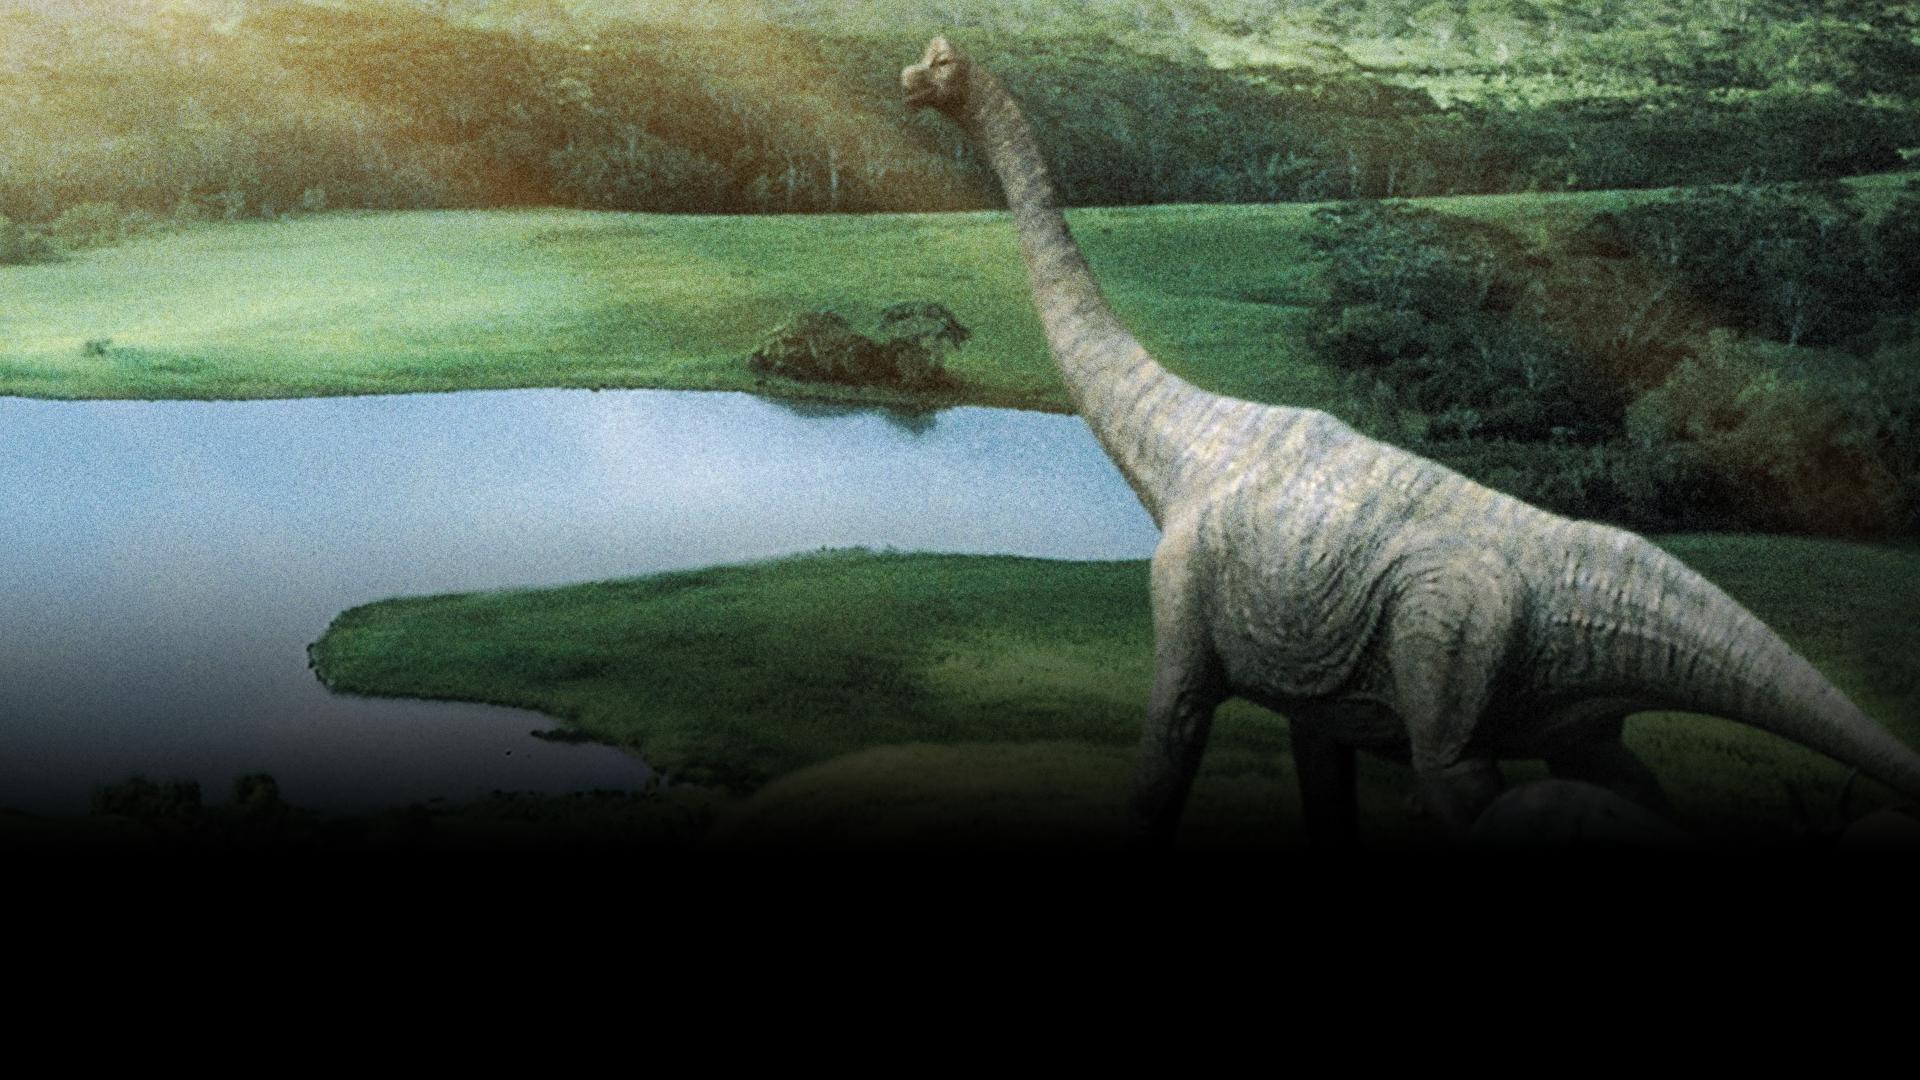 Ver Dinosaurio Pelicula Completa Disney En españa se hizo el 24 de noviembre del mismo año. ver dinosaurio pelicula completa